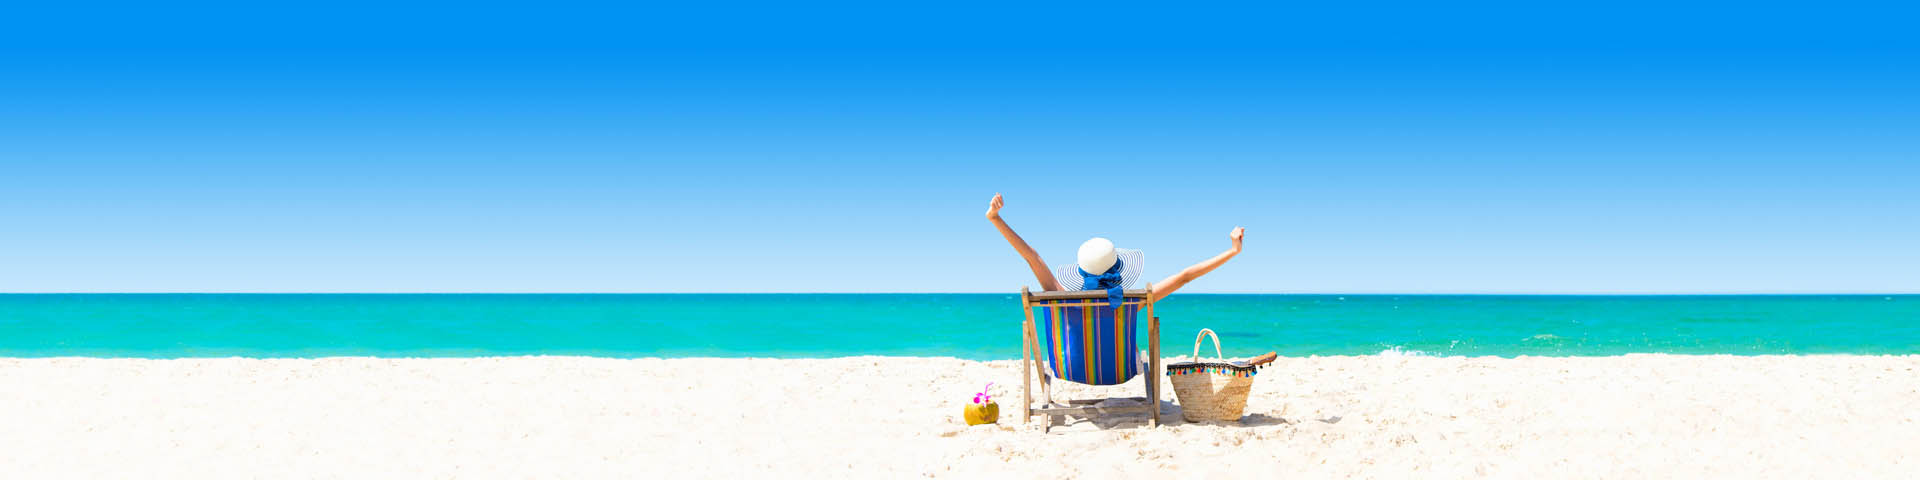 Wit zandstrand met azuurblauwe zee en vrouw zittend in strandstoel